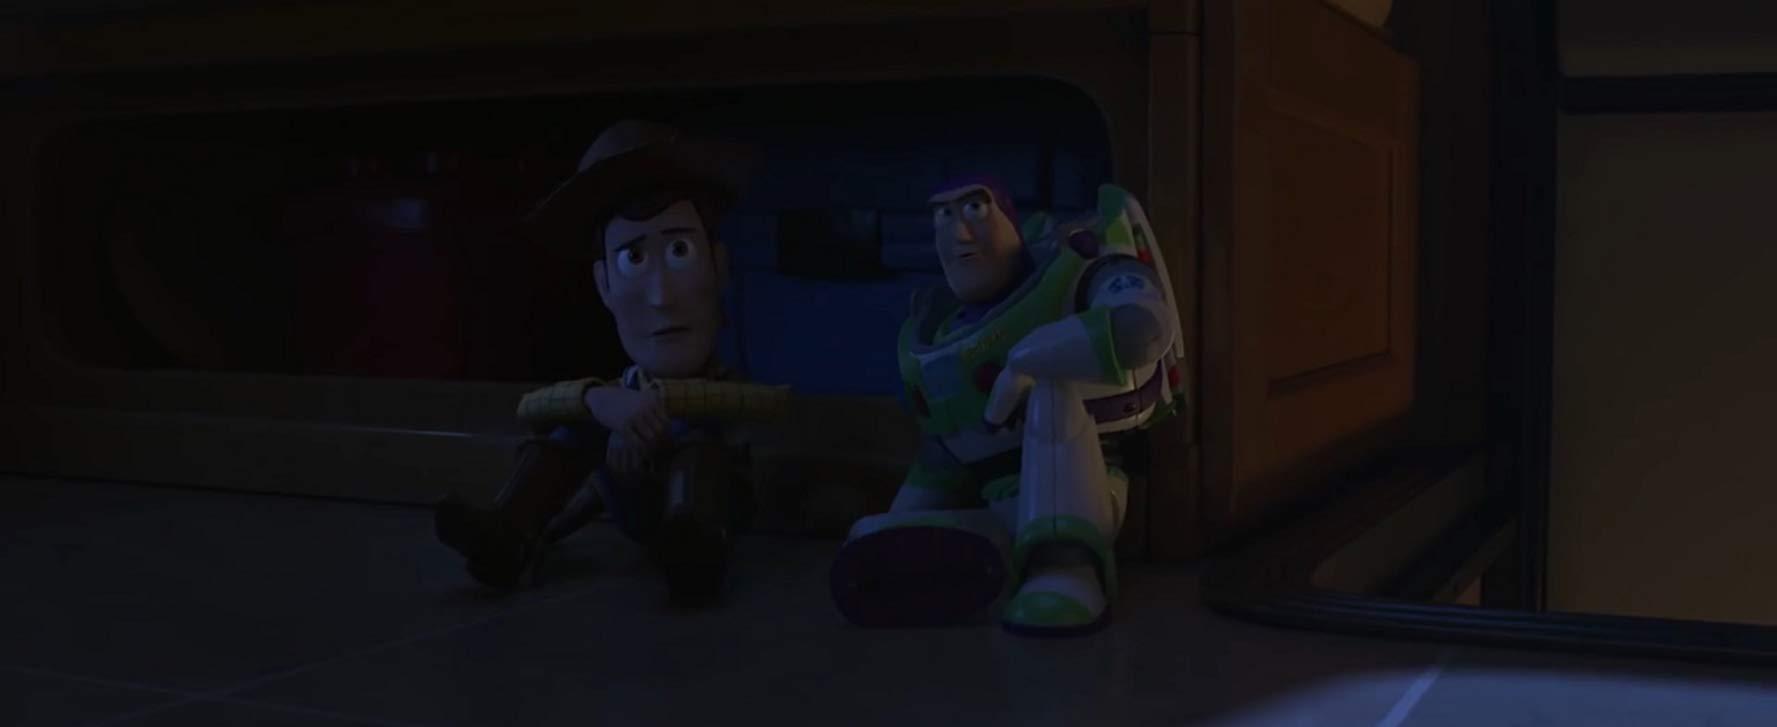 REVIEW Toy Story 4 (Câu Chuyện Đồ Chơi 4) - Hình 8